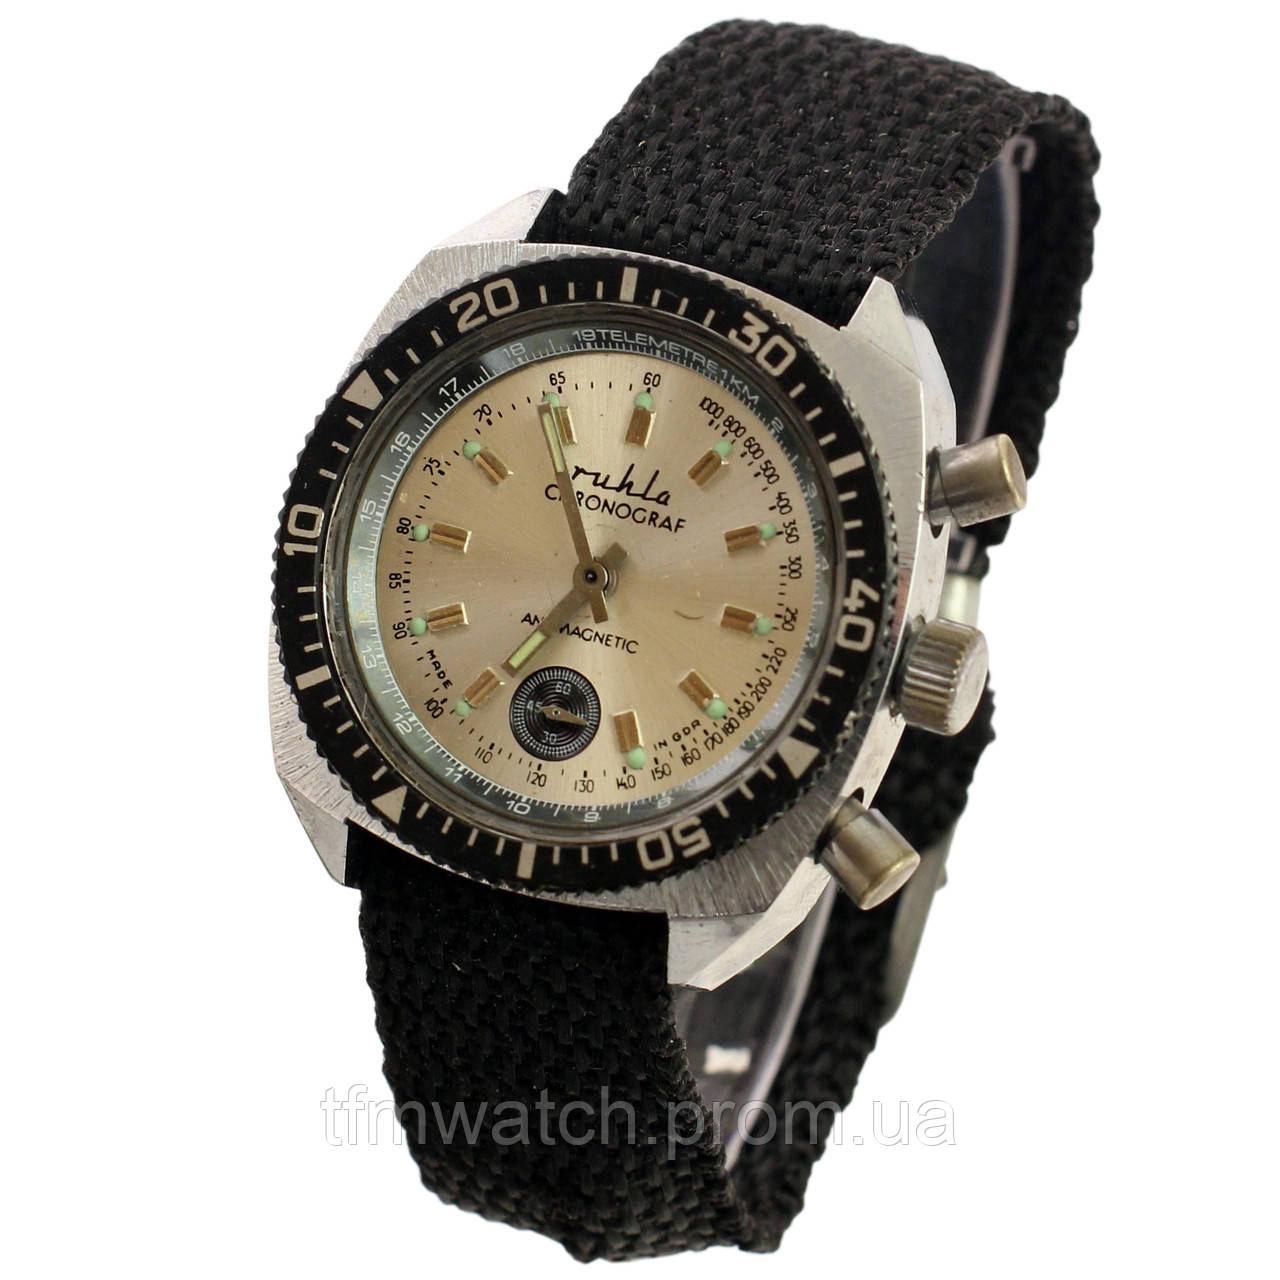 Ruhla watch